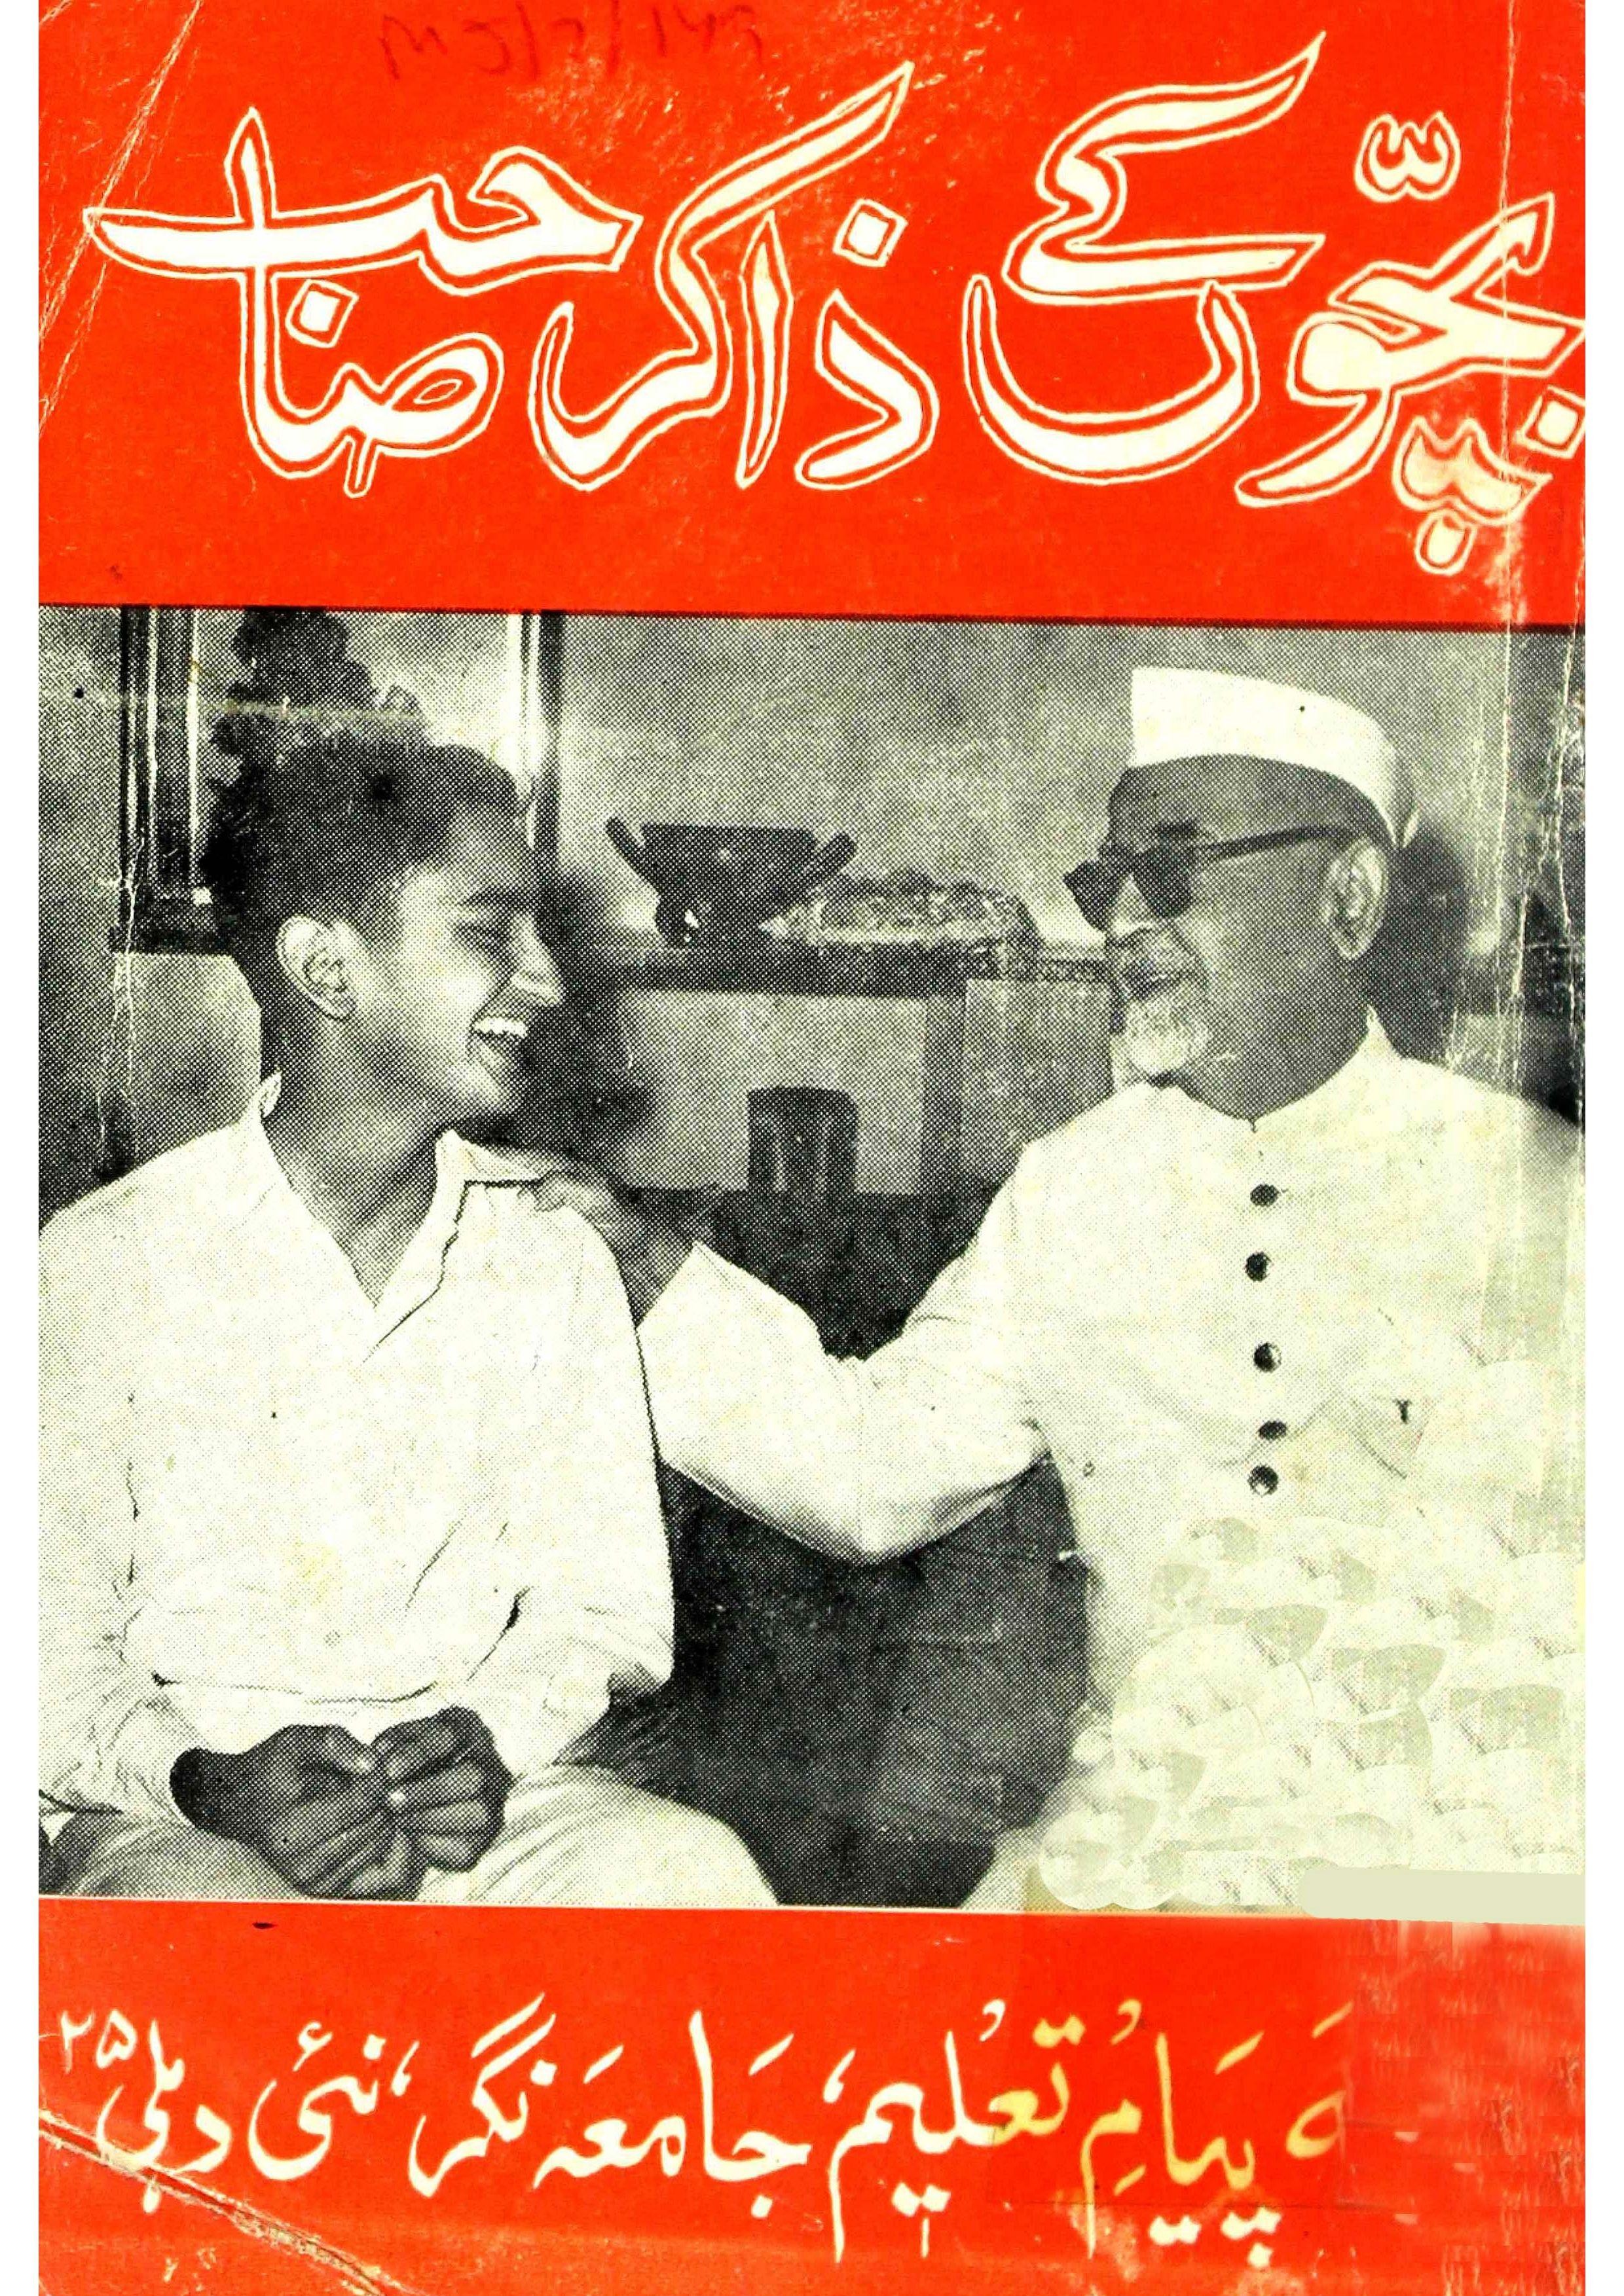 Bachchon Ke Zakir Sahab